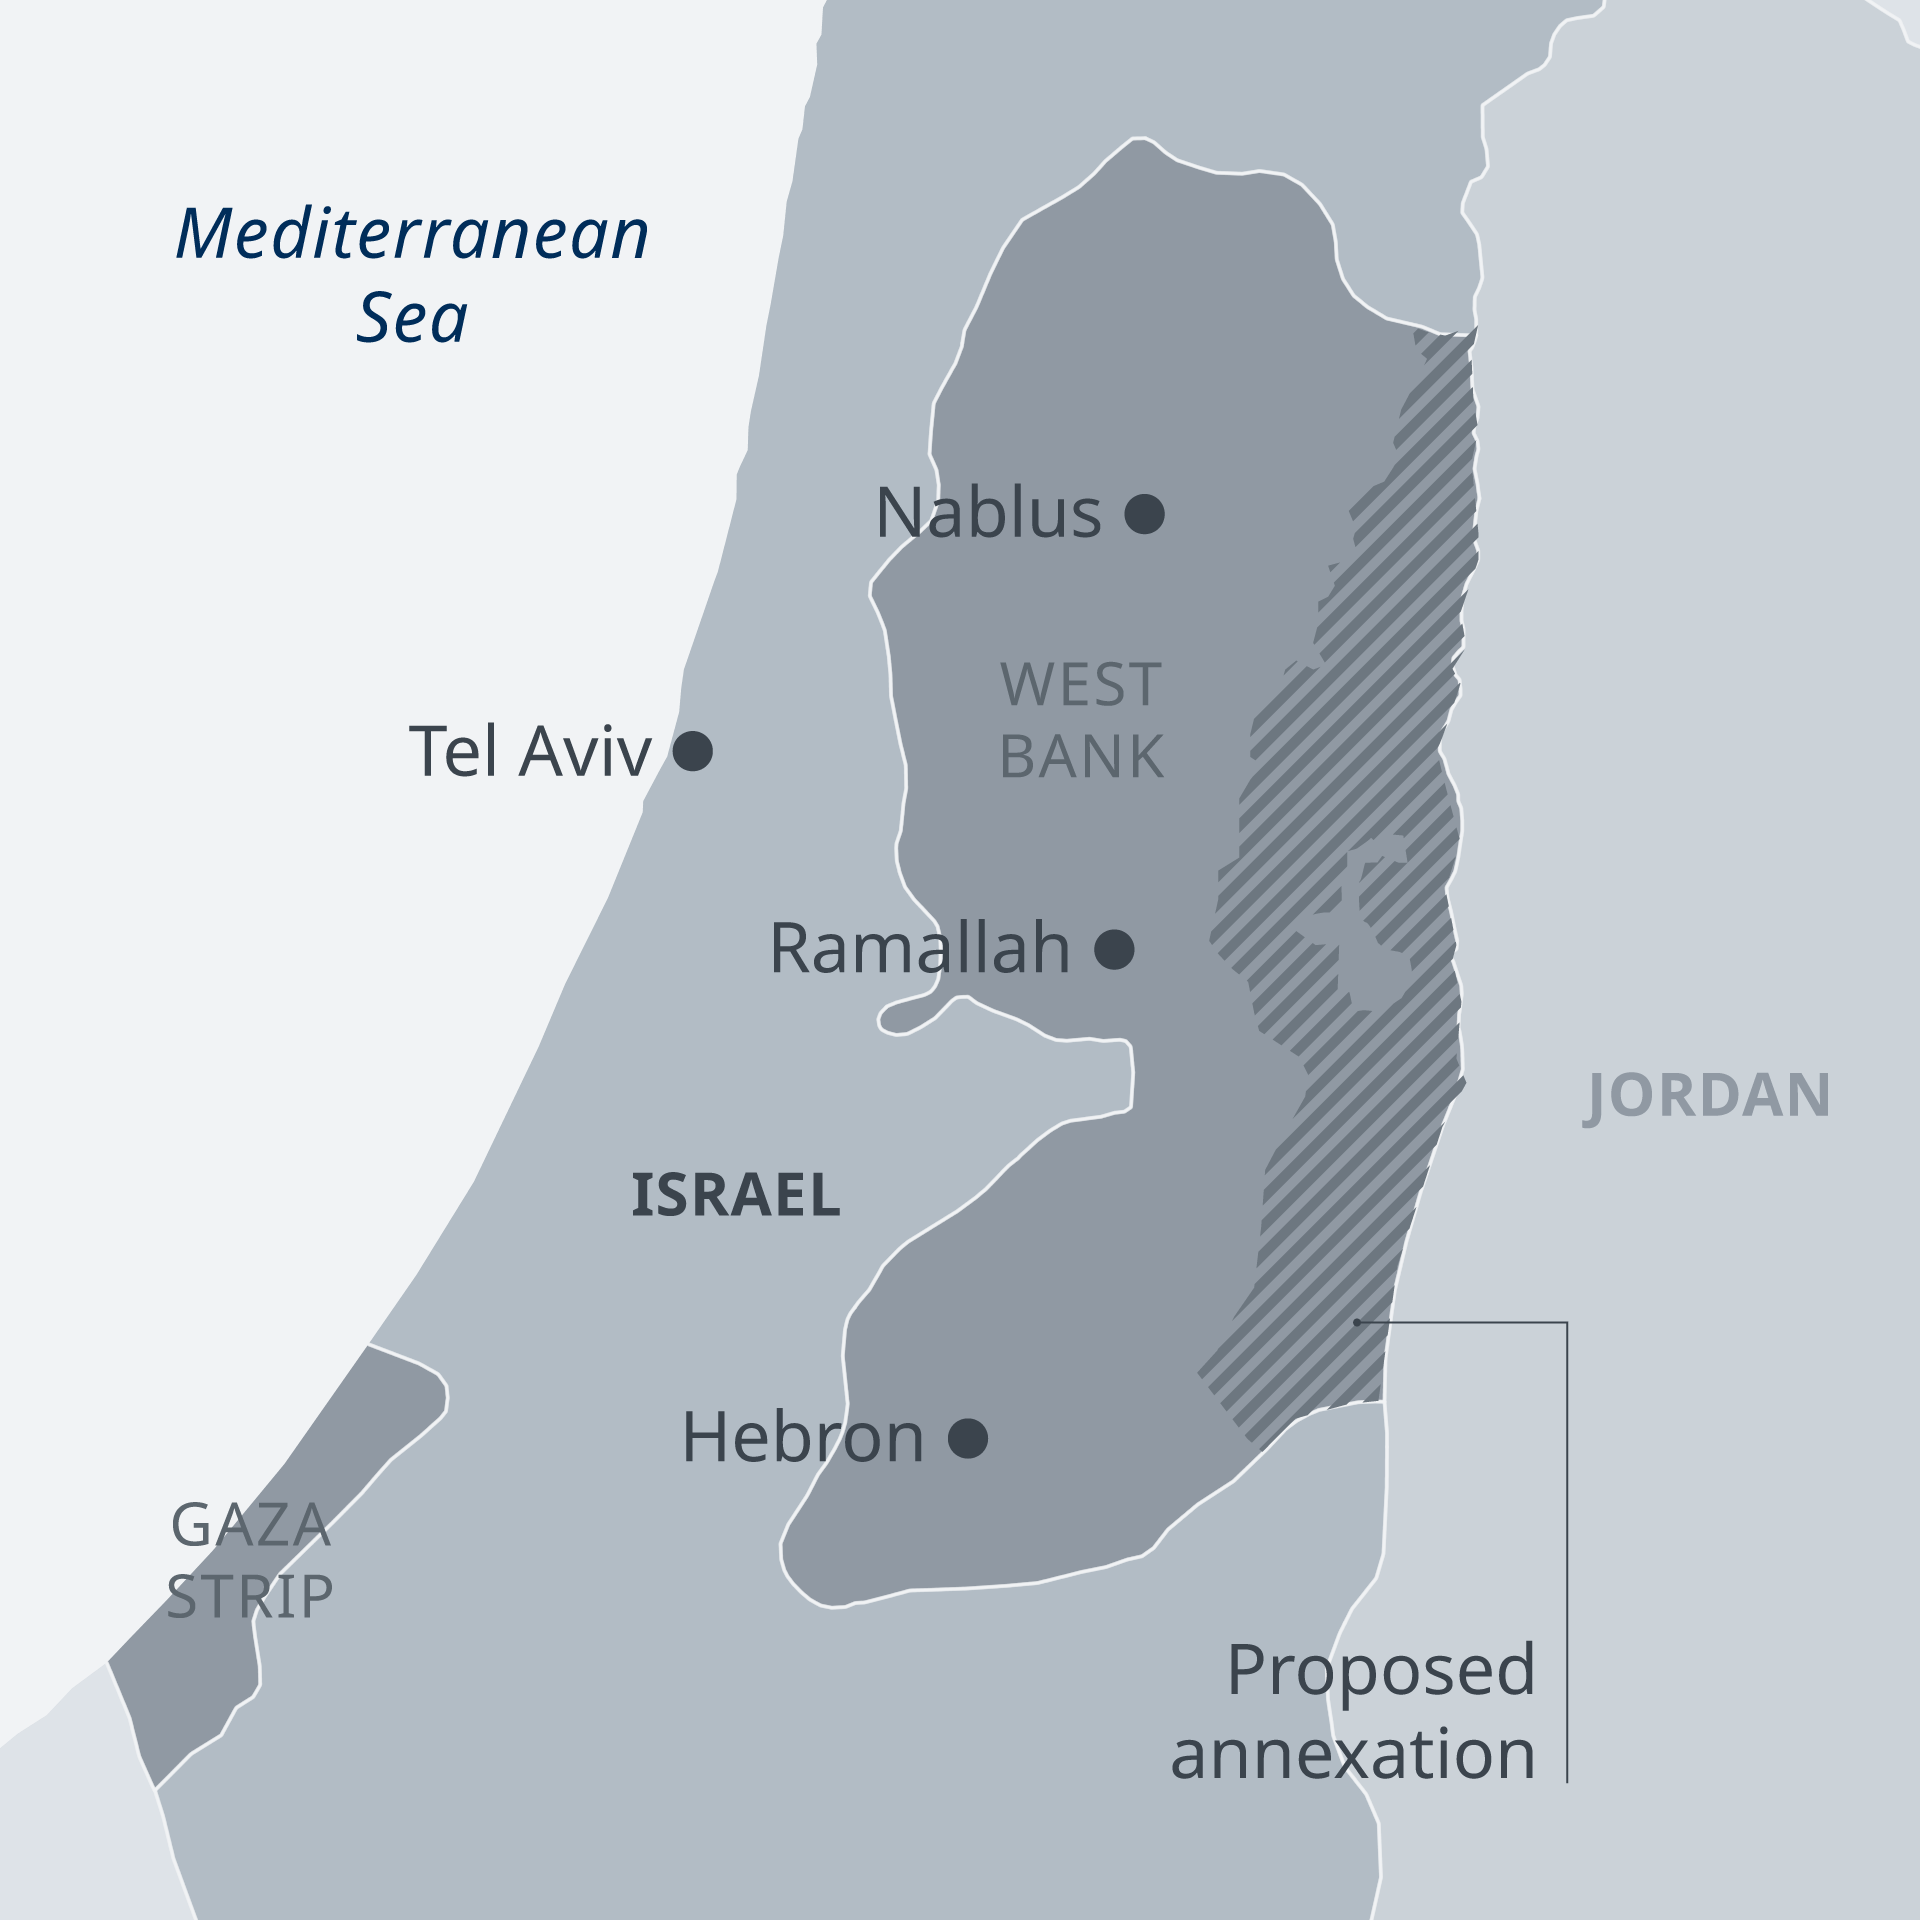 Η επίμαχη περιοχή στη Δυτική Όχθη του Ιορδάνη